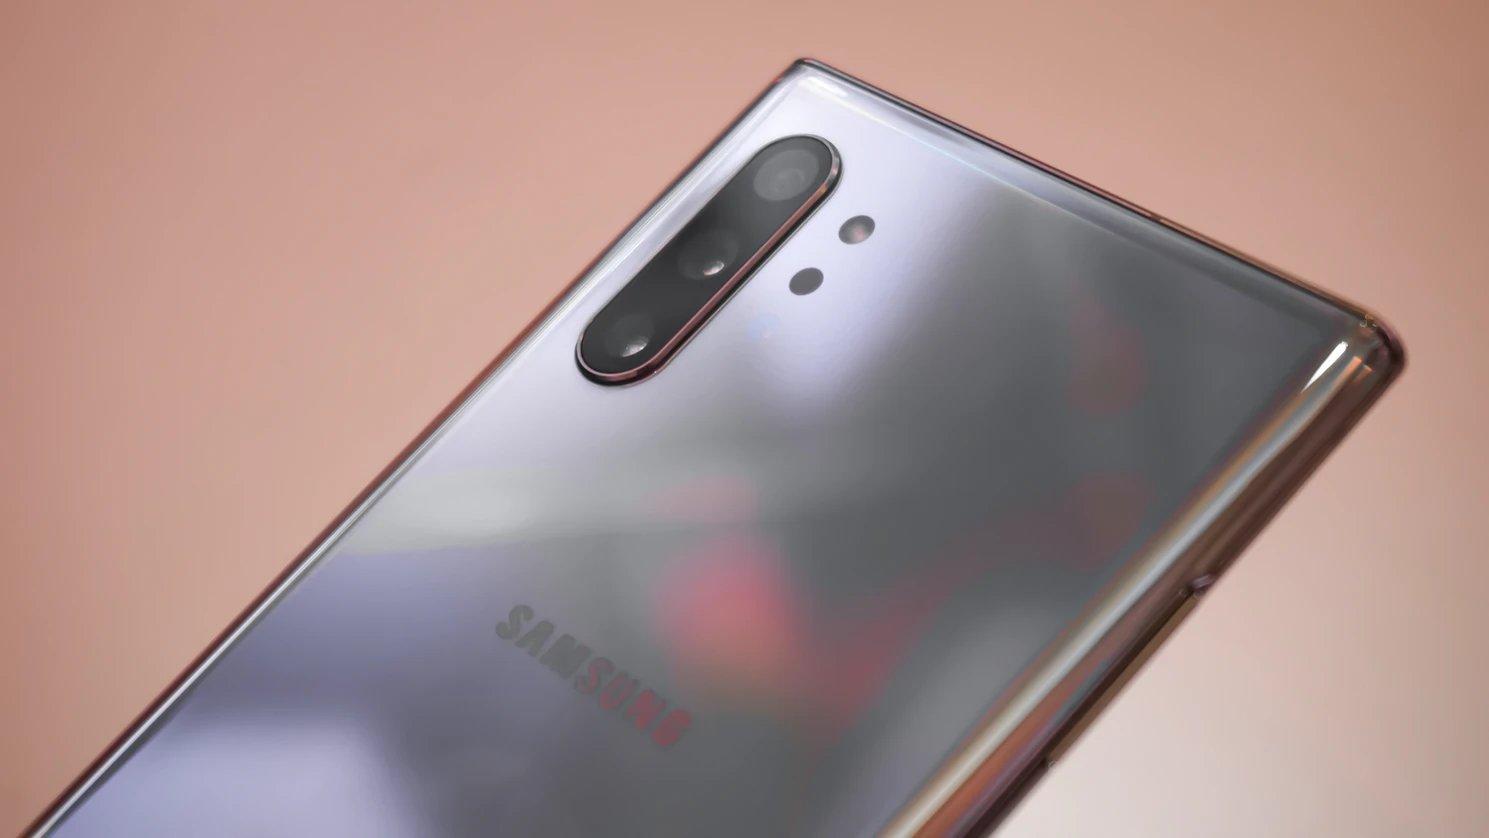 Samsung dispositivo smartphone câmaras e marca